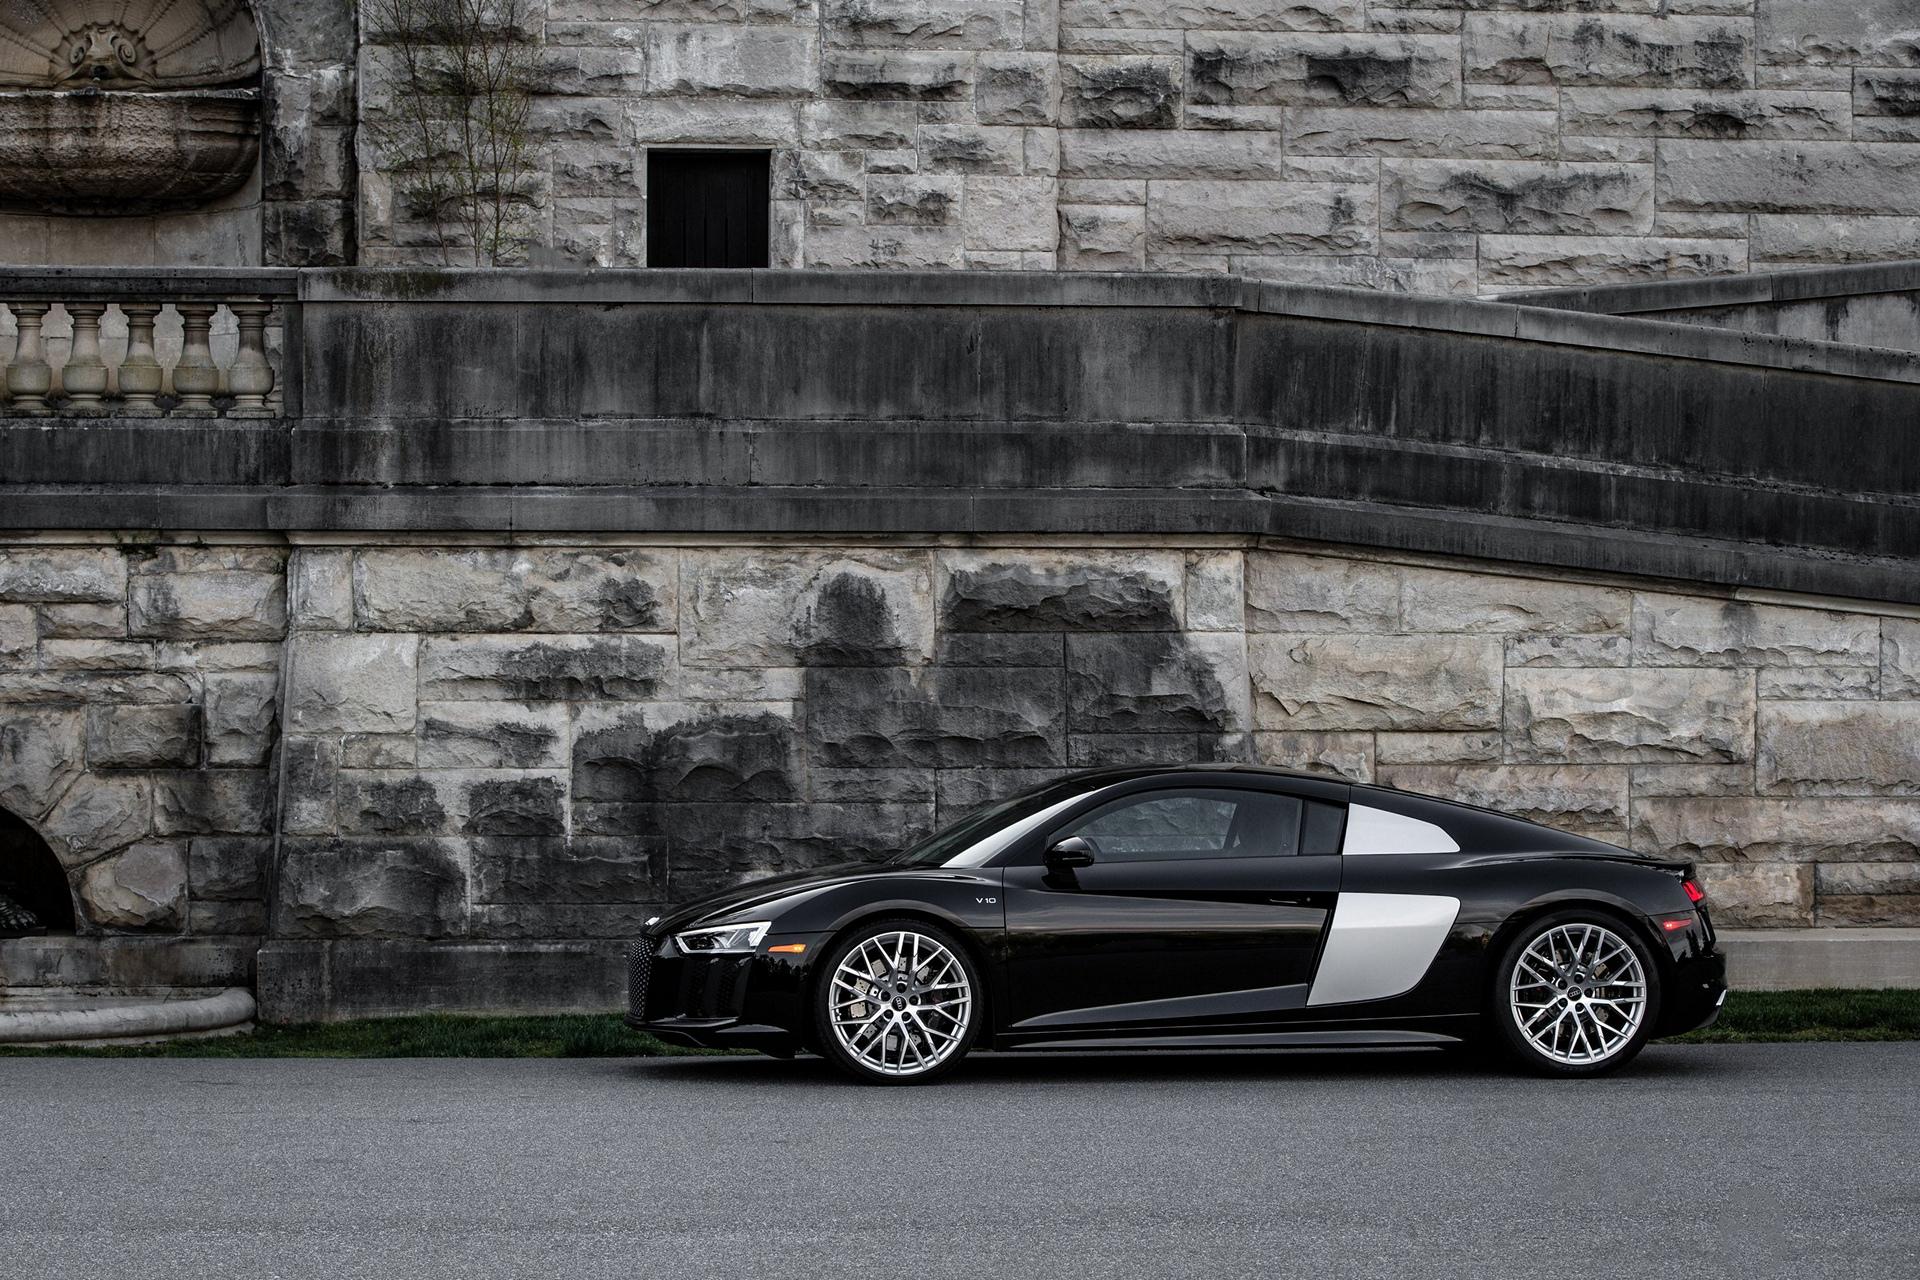 2017 Audi R8 V10 © Volkswagen AG